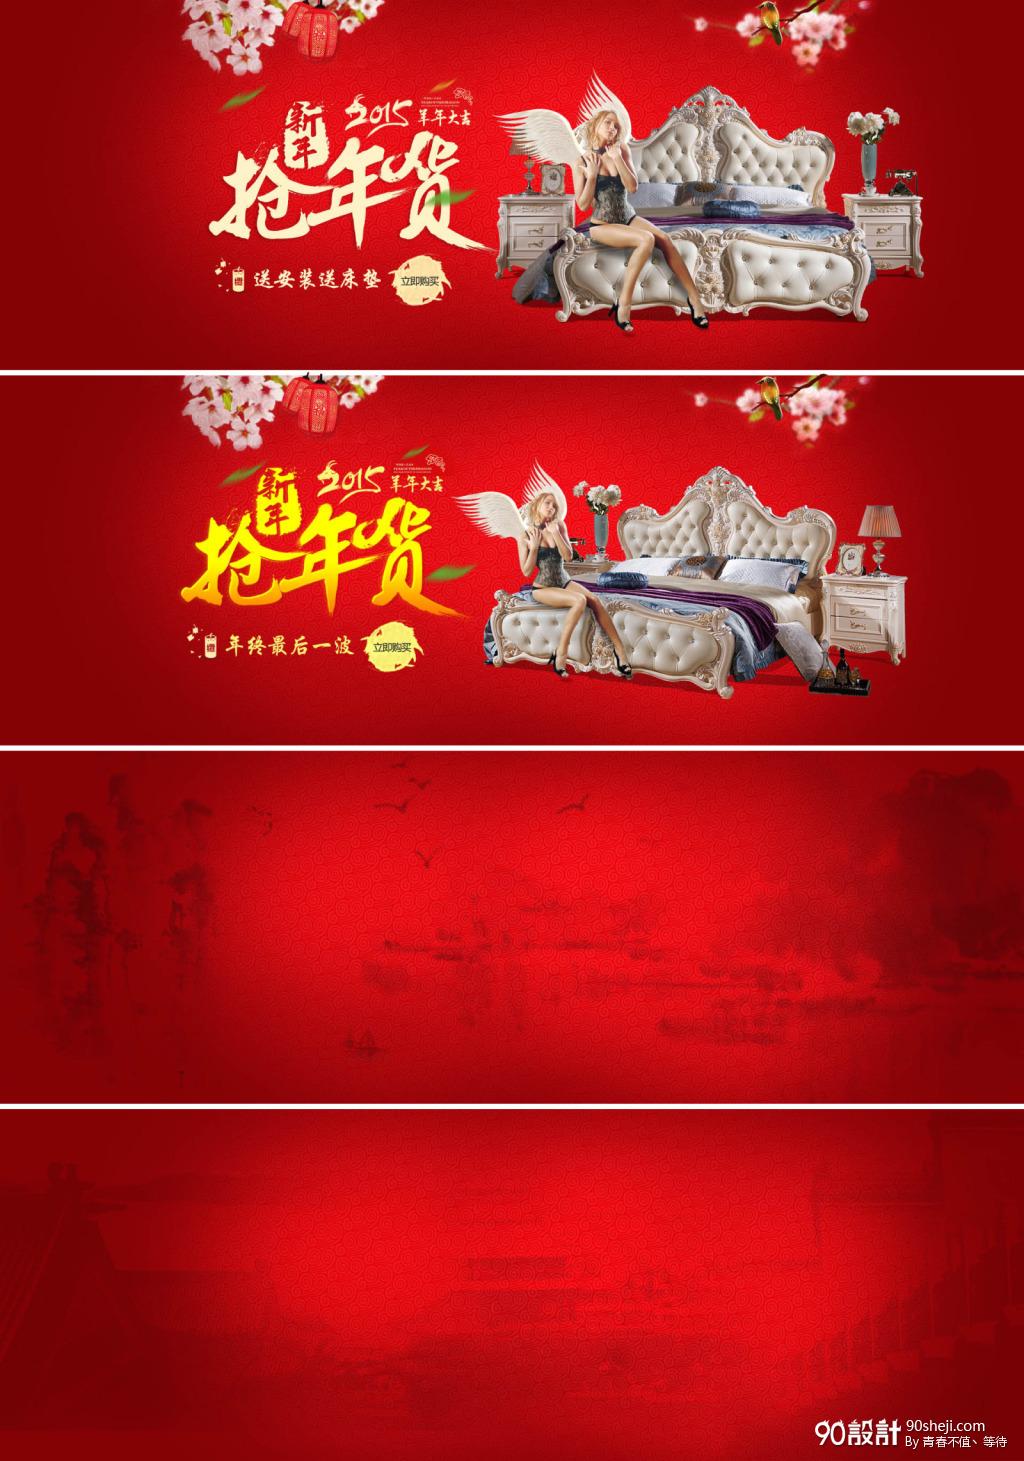 新年促销海报抢年货天猫亿菲堡家具水墨画